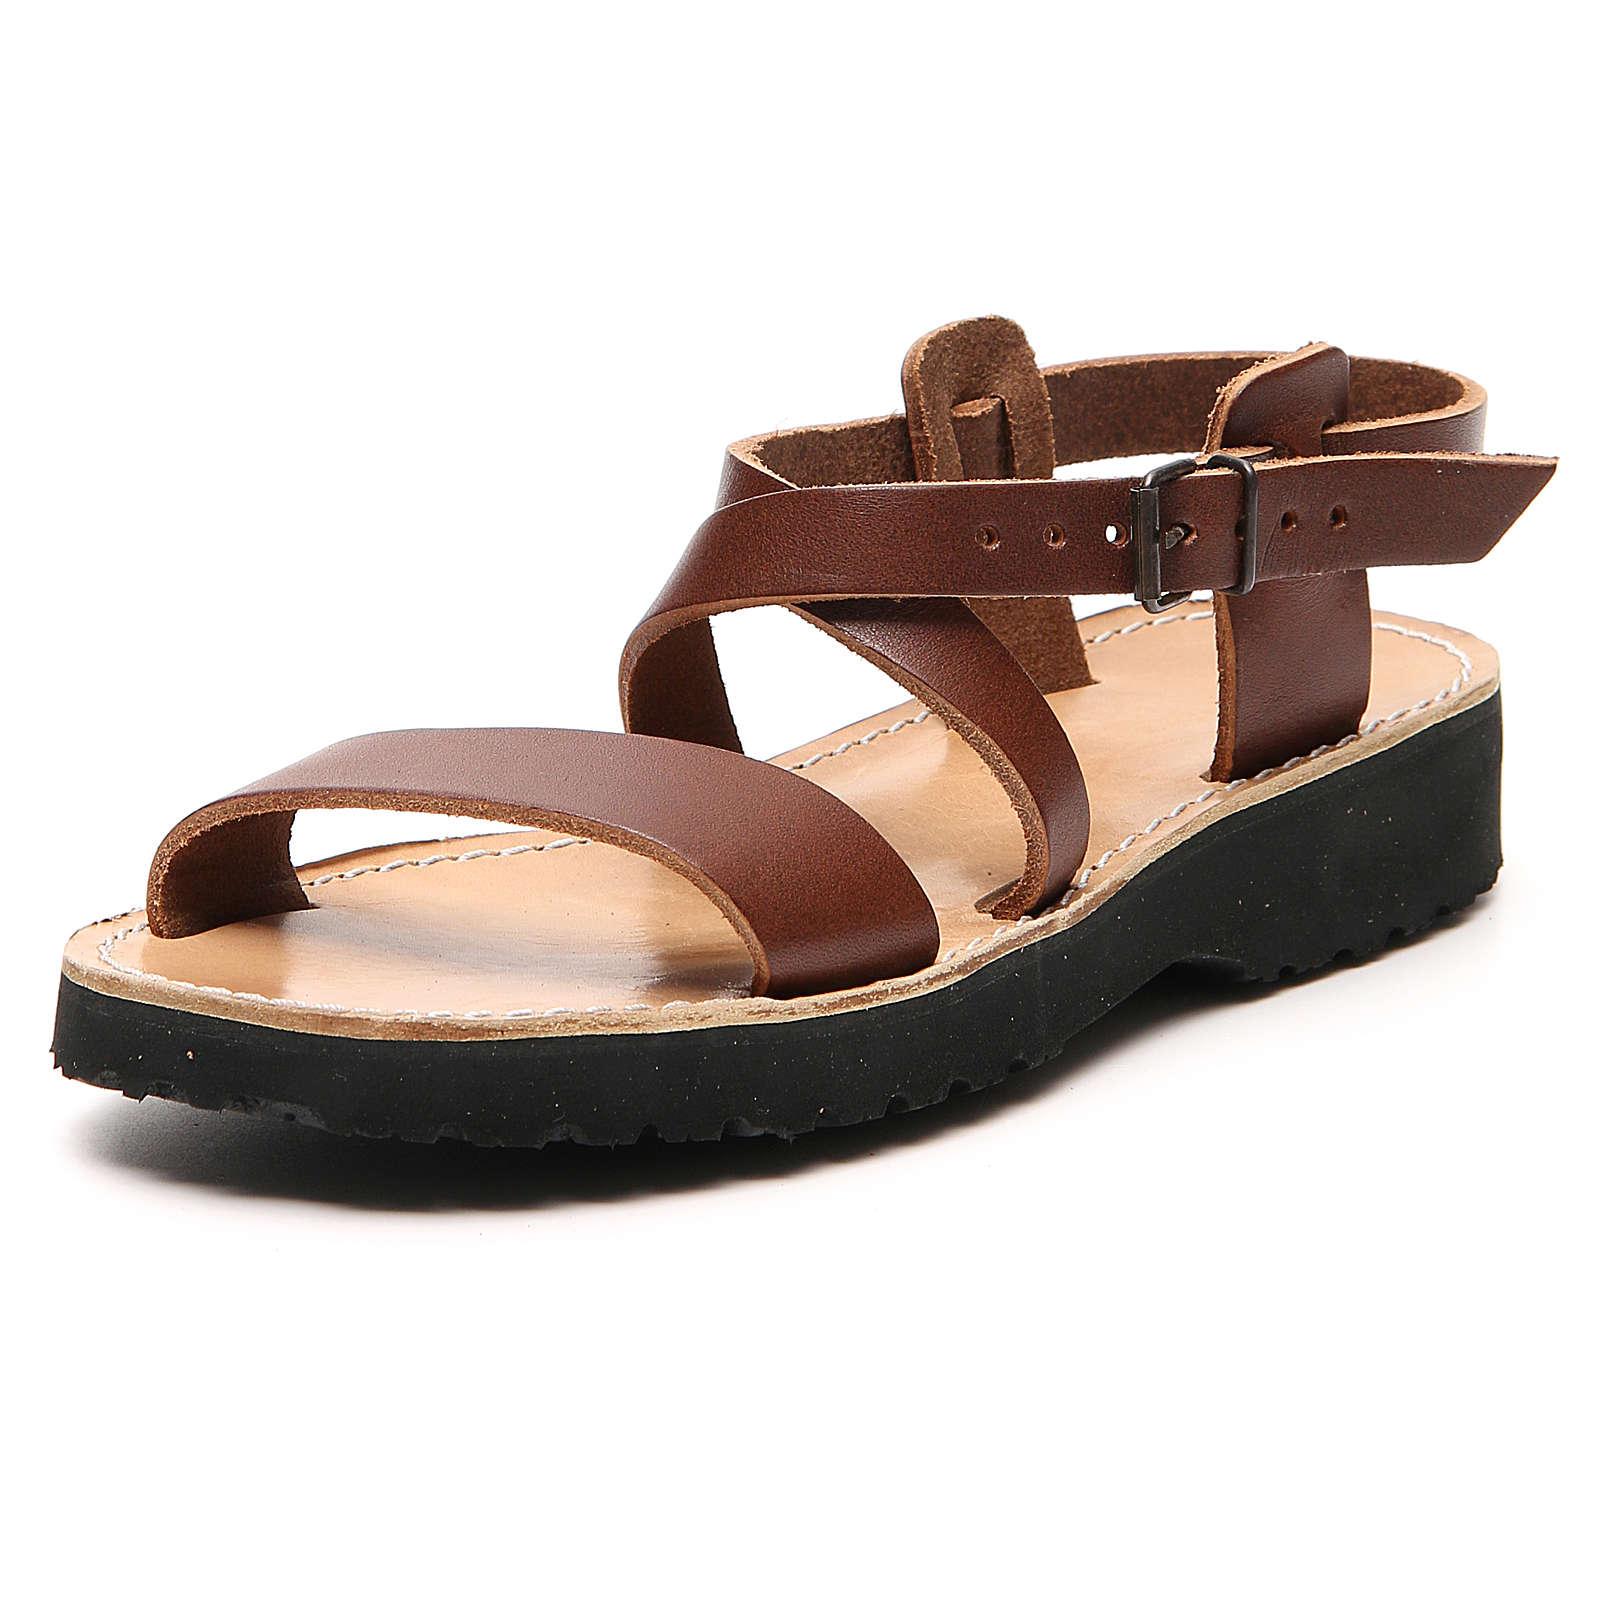 Sandales franciscaines mod. Nazareth cuir Moines de Bethléem 4